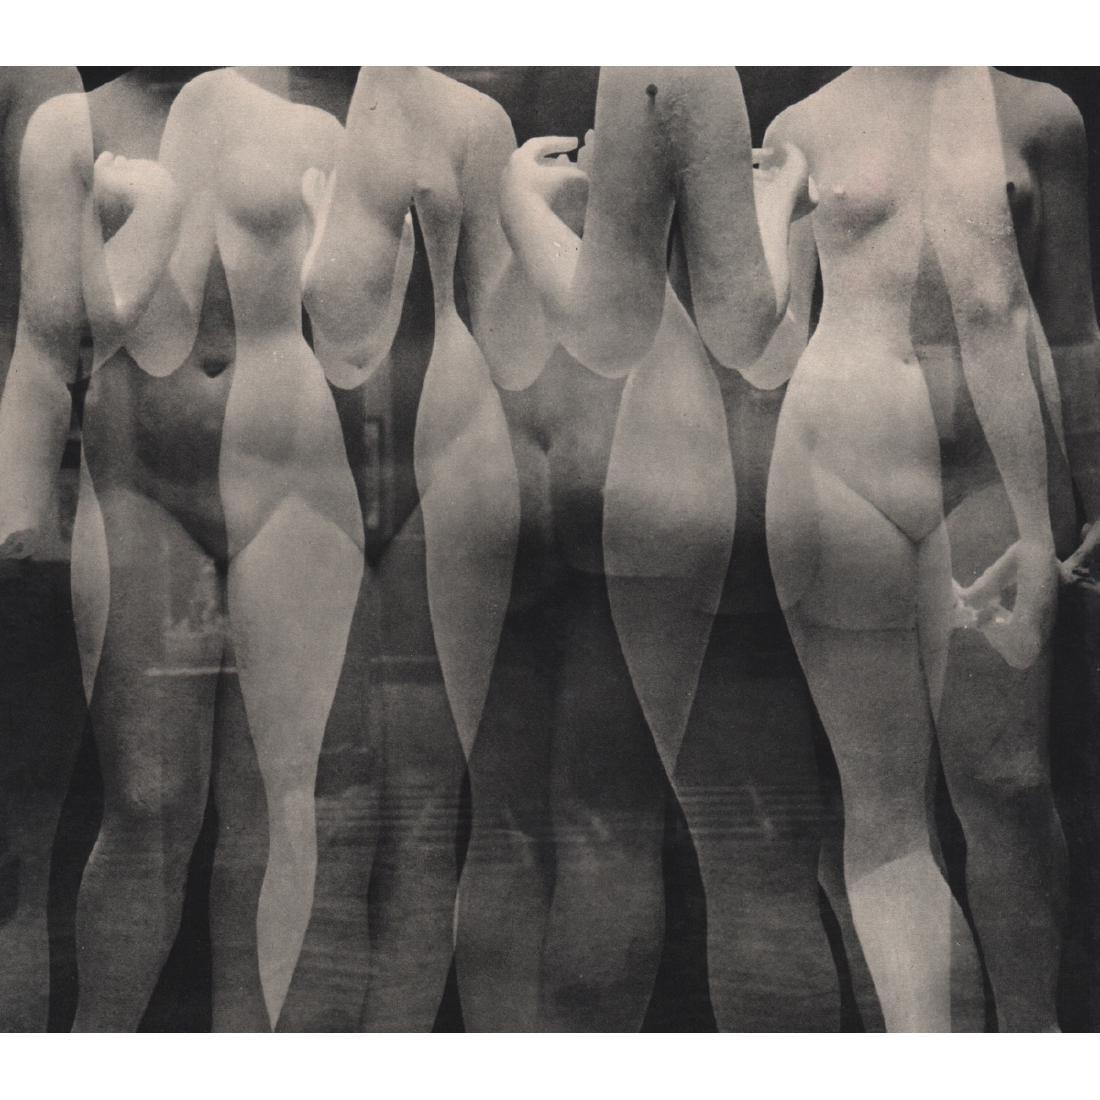 ERWIN BLUMENFELD - Maillol Sculptures